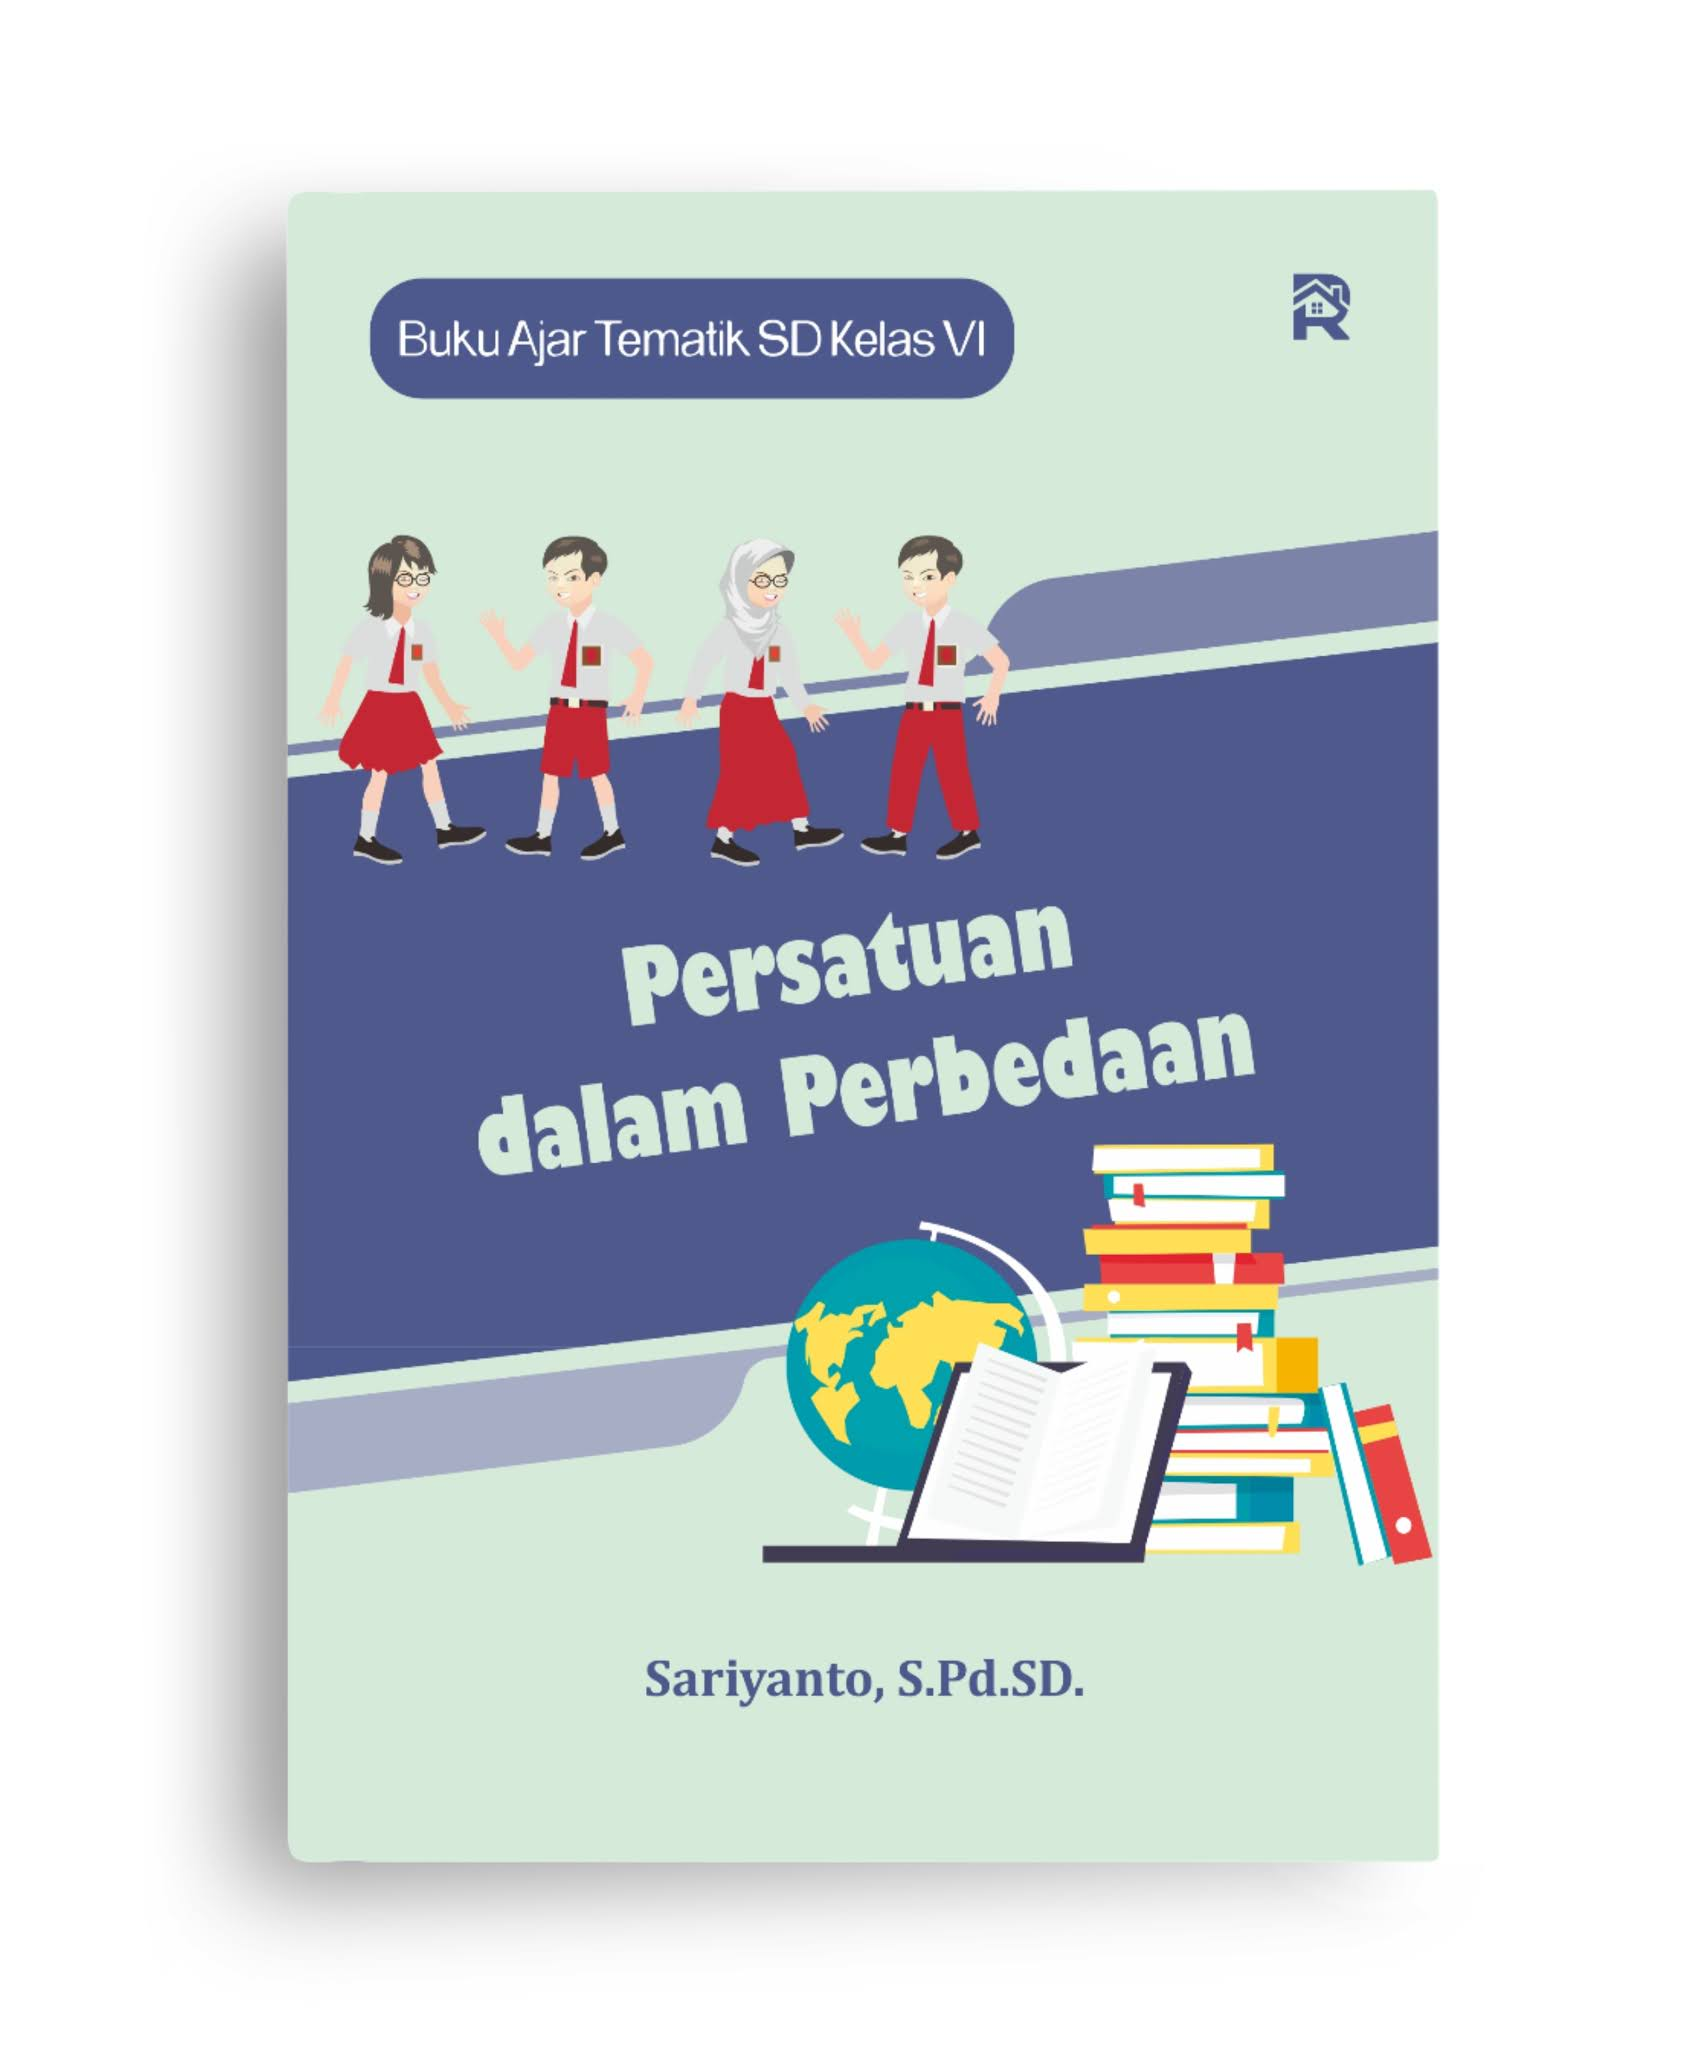 Persatuan dalam Perbedaan (Buku Ajar Tematik SD Kelas VI)